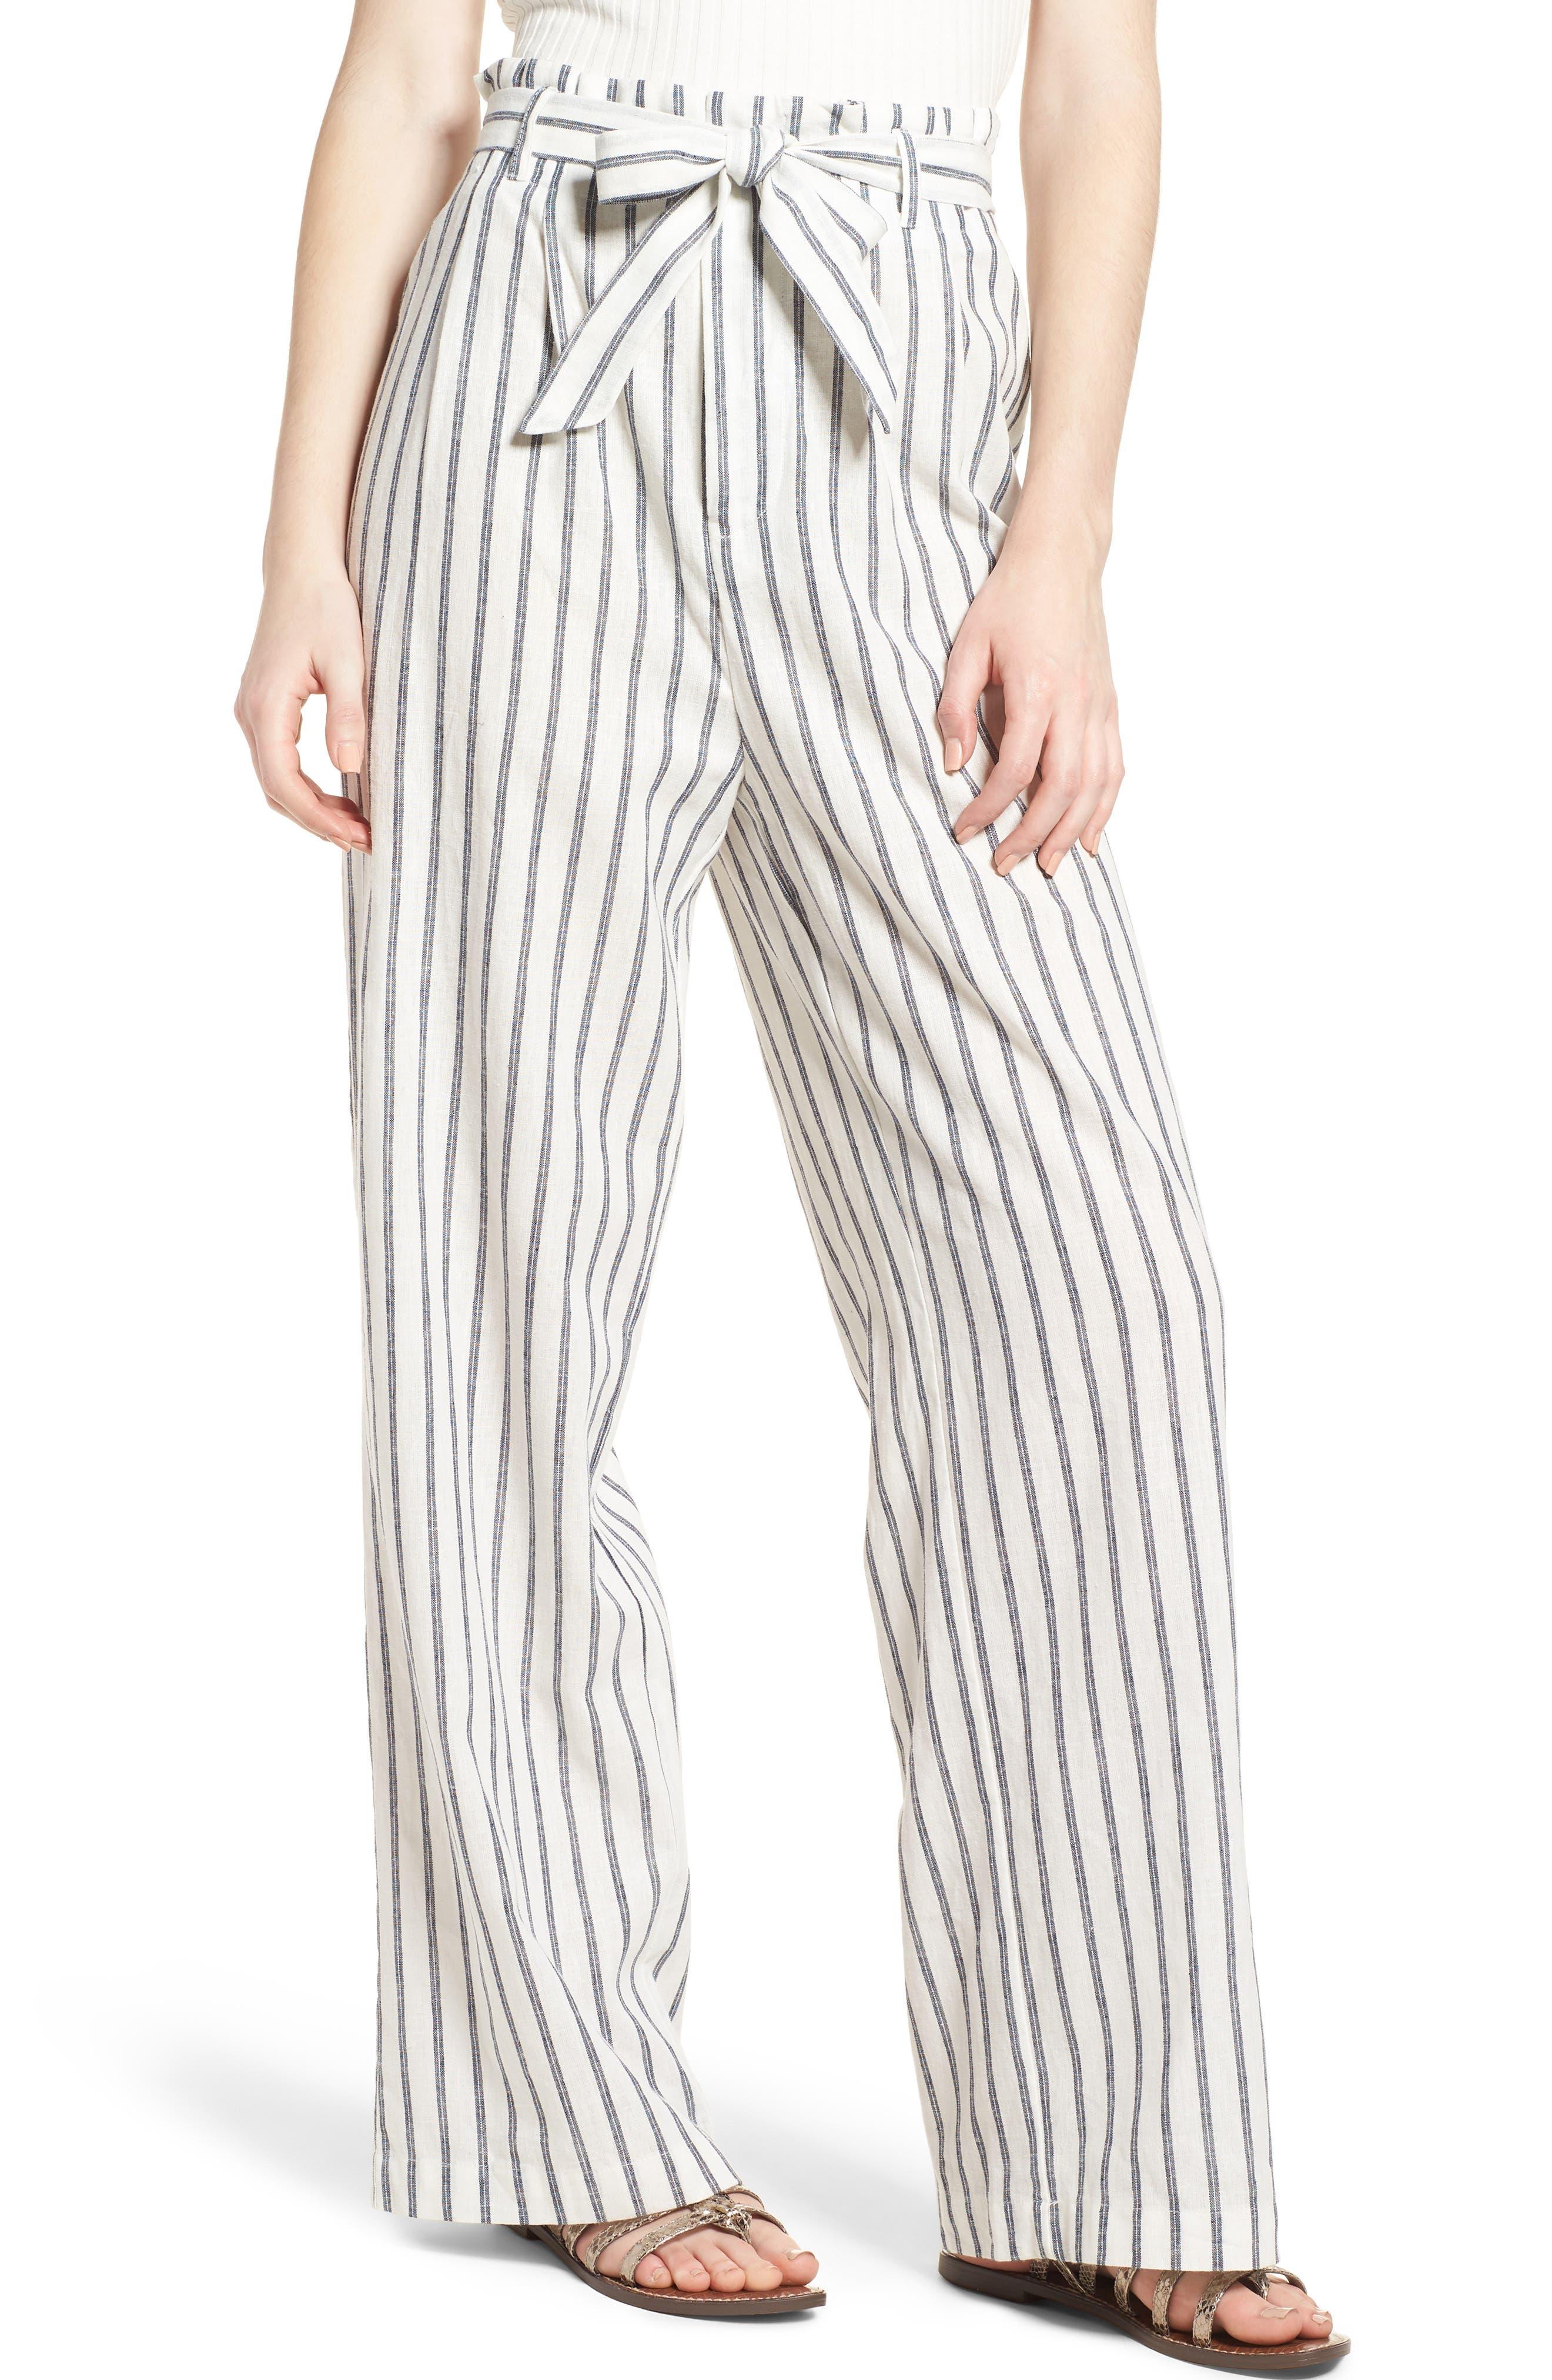 Paper Bag Linen & Cotton Pants,                             Main thumbnail 1, color,                             IVORY / BLUE STRIPE